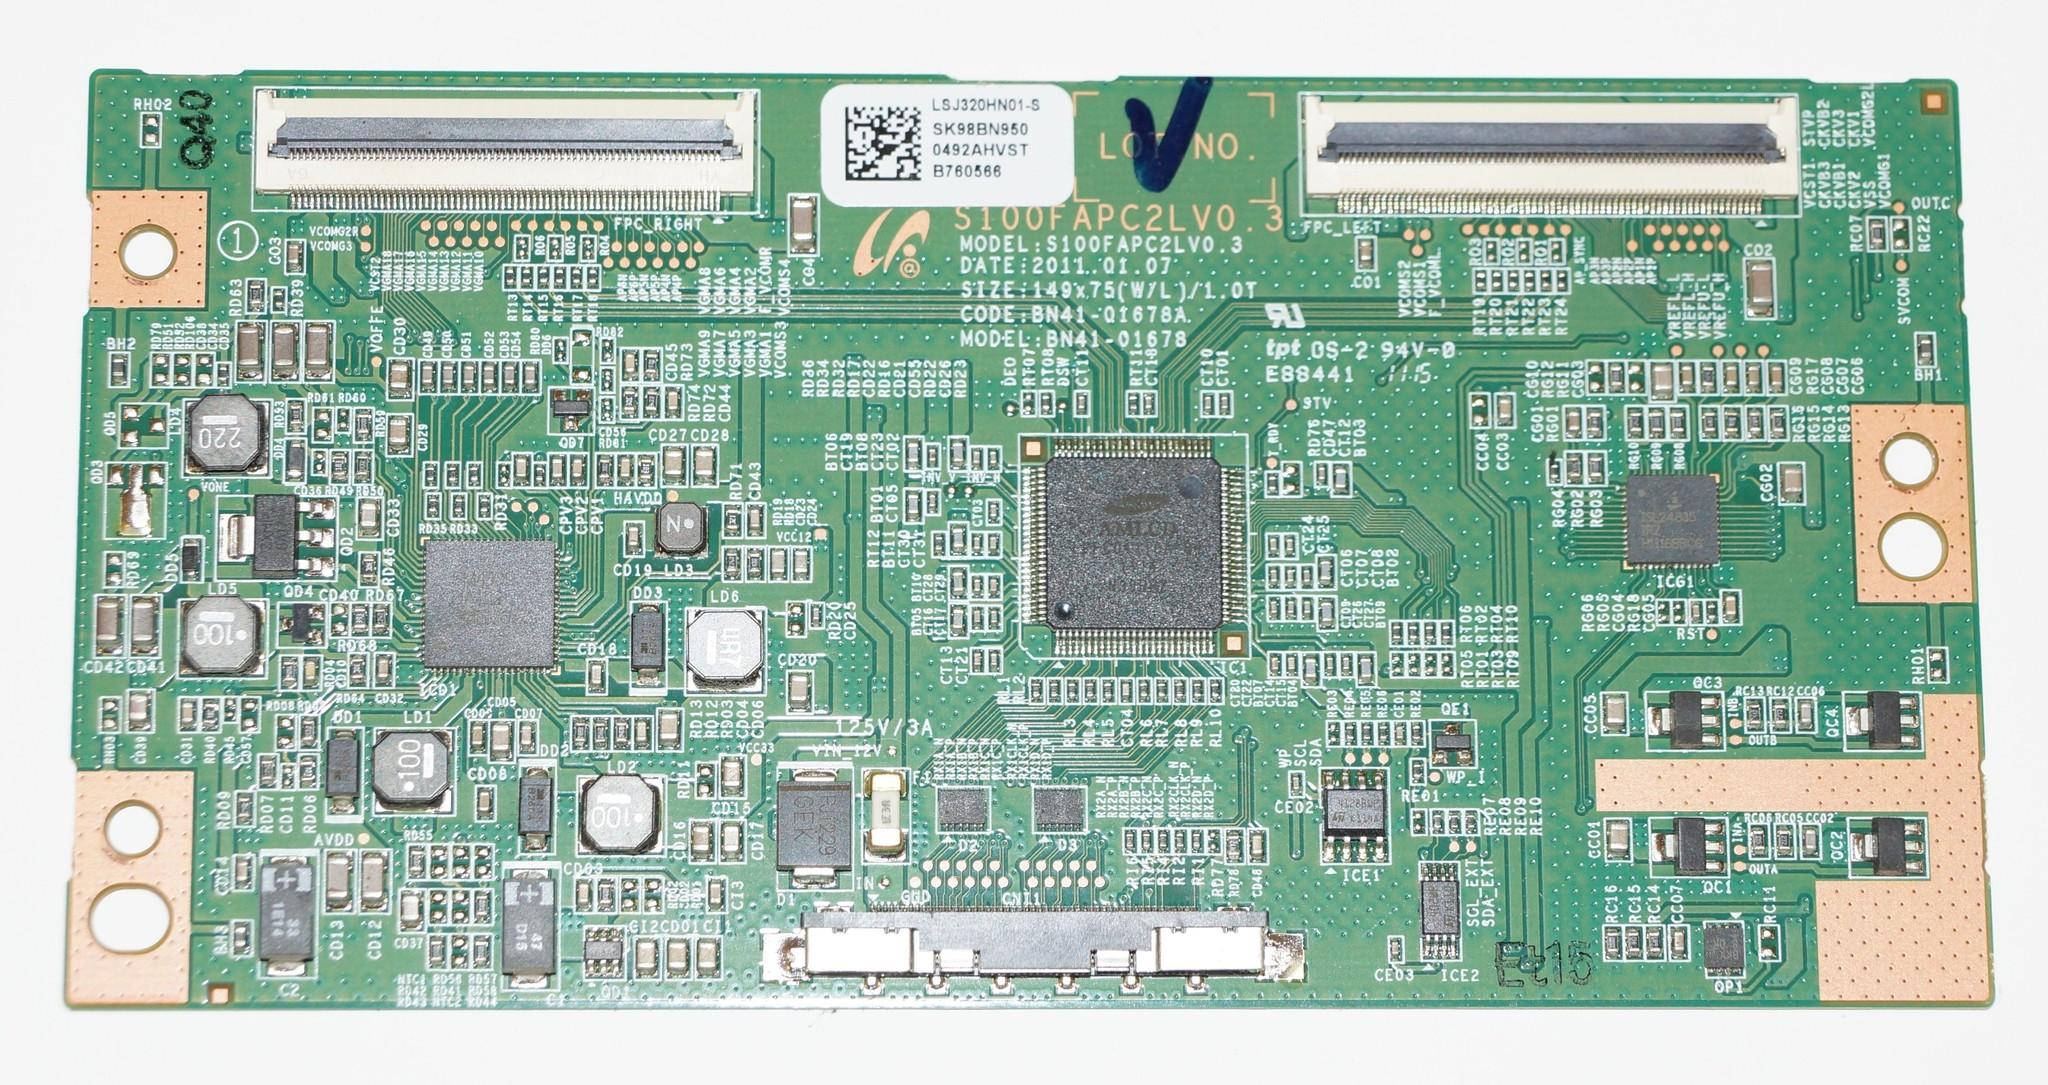 S100FAPC2LV0.3 BN41-01678A купить